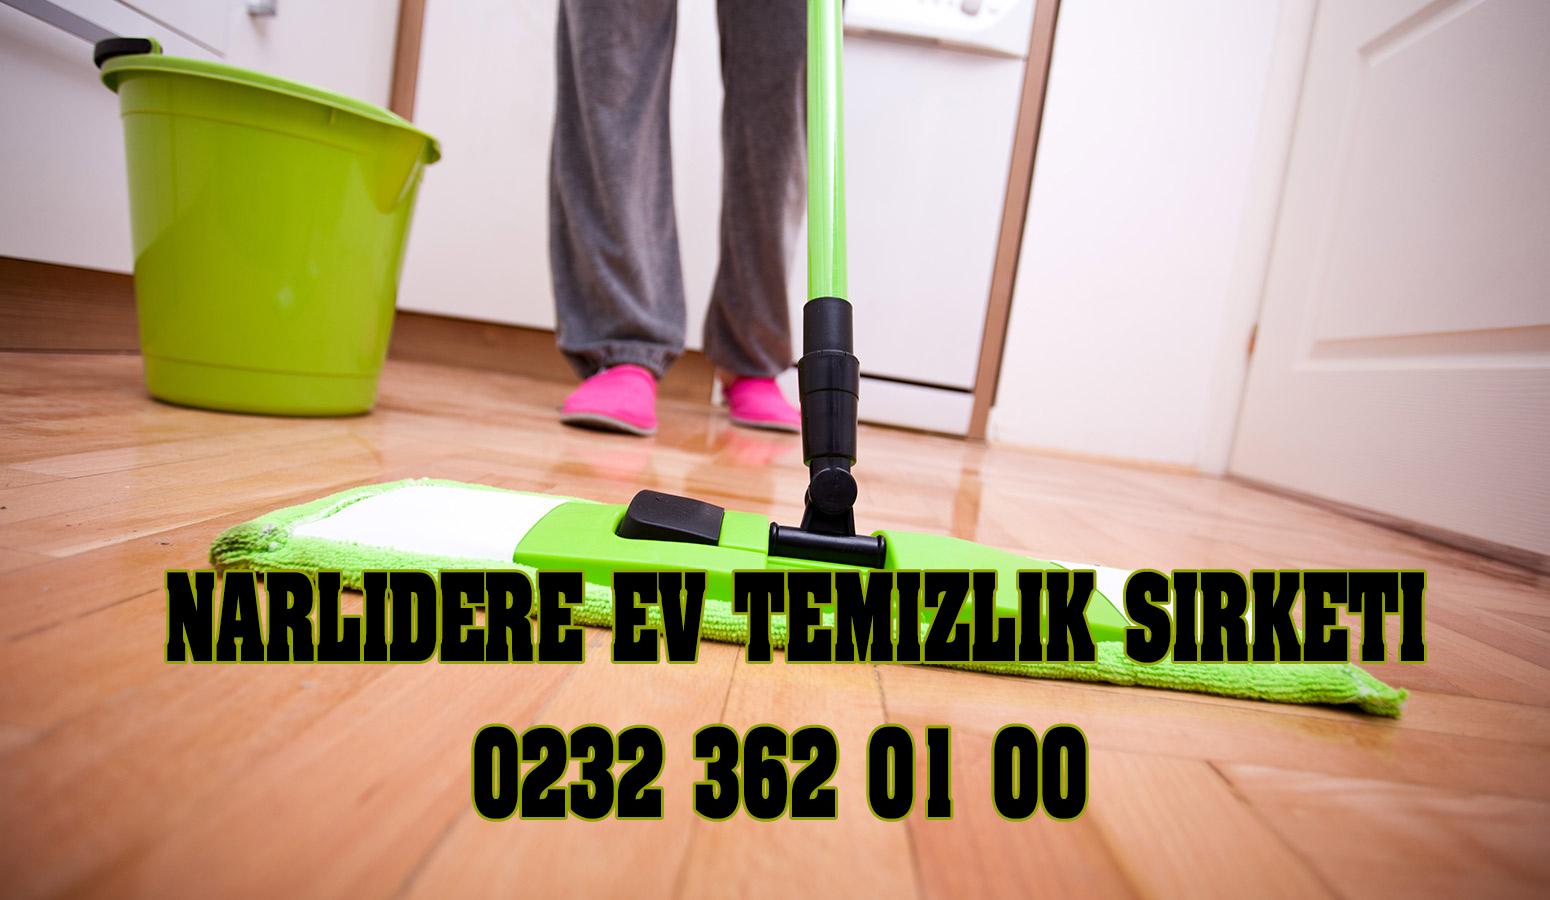 narlıdere ev temizlik şirketi,narlıdere temizlik,narlıdere ev temizlik